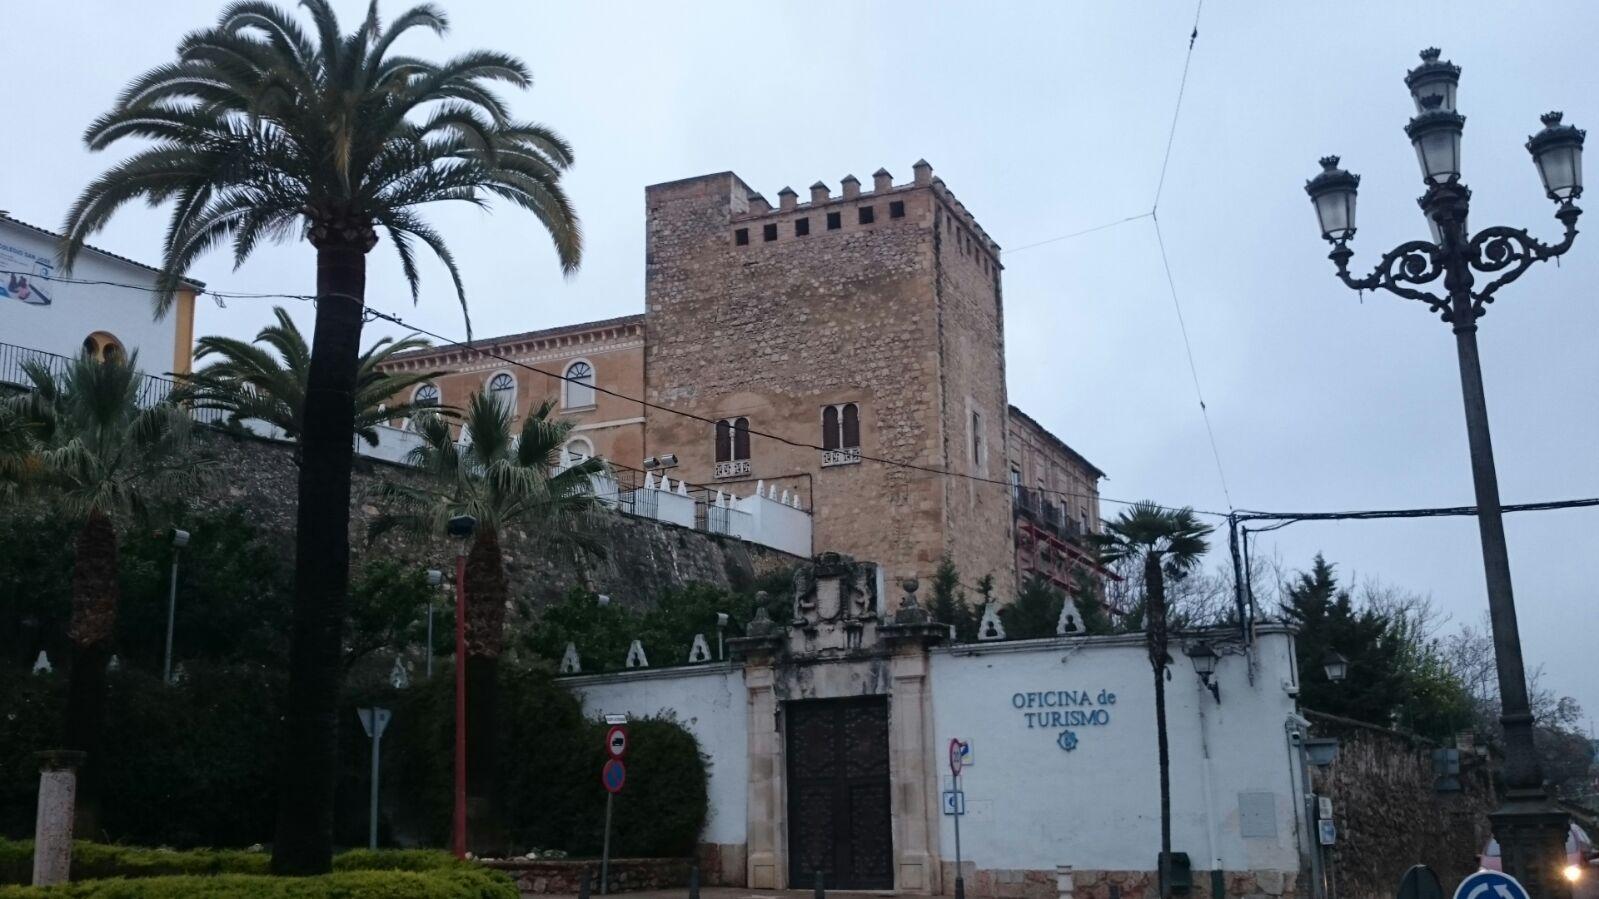 Cabra, Córdoba